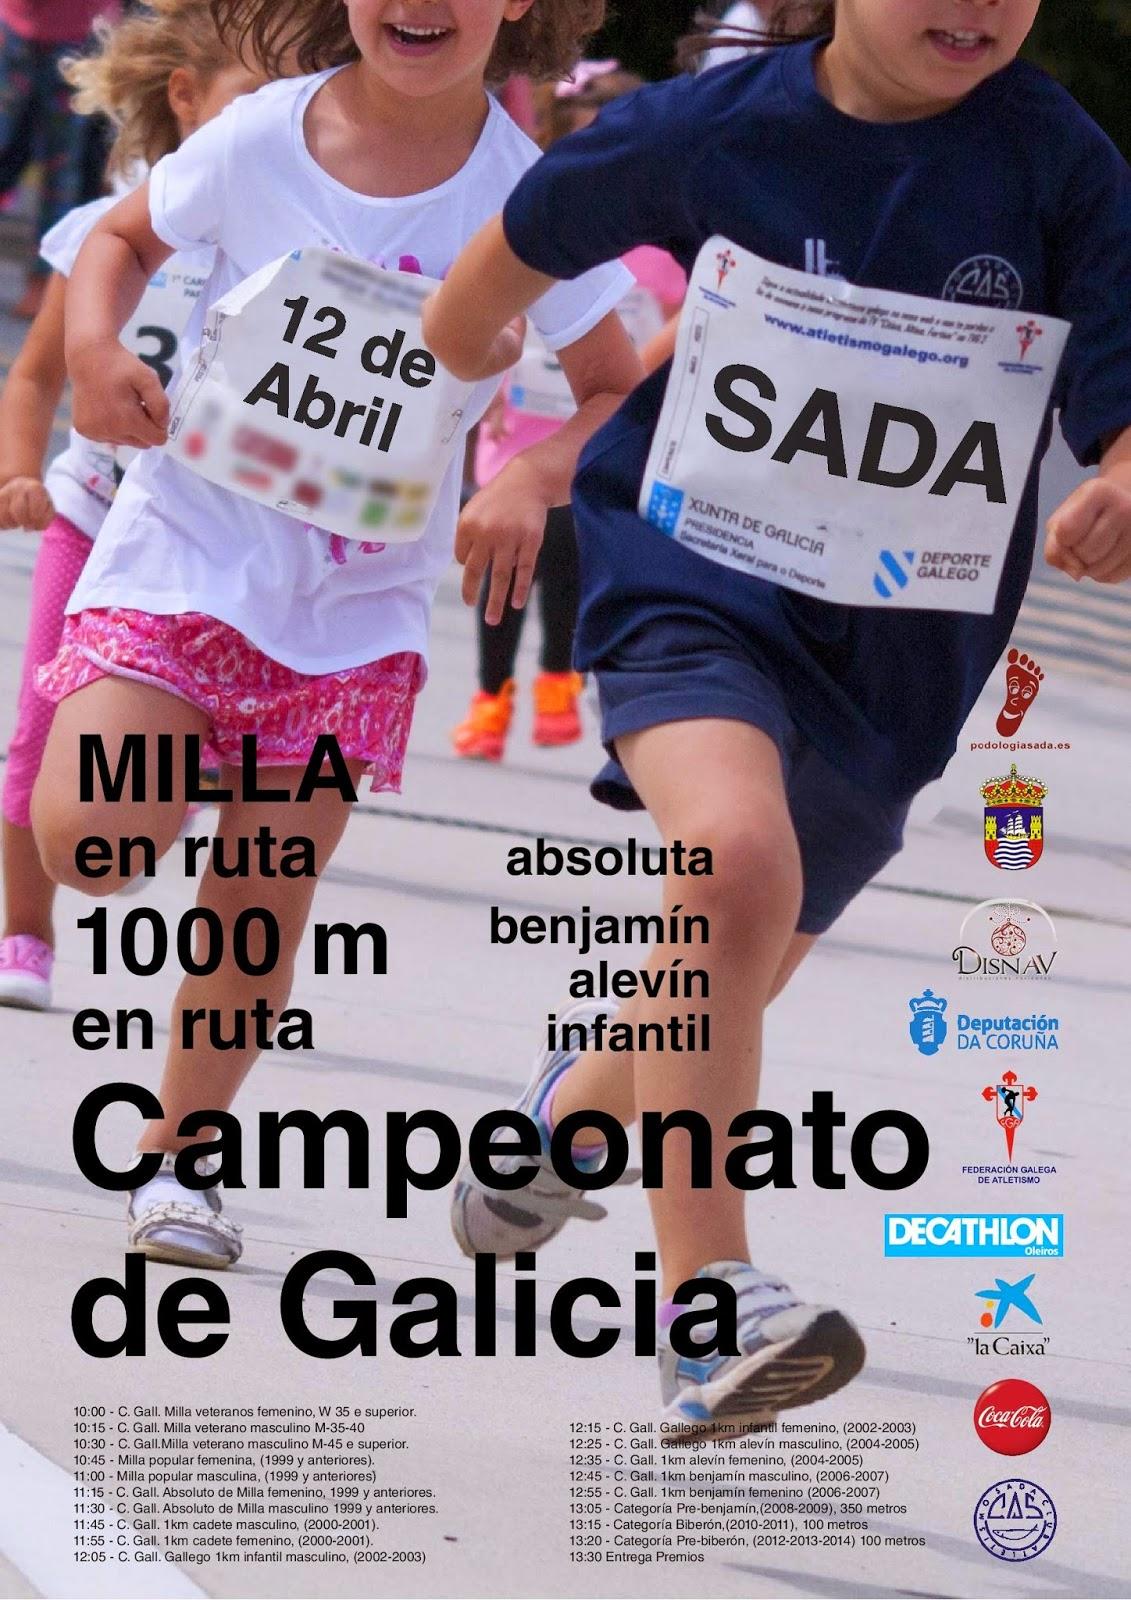 Campeonato Gallego de Milla 2015 Sada